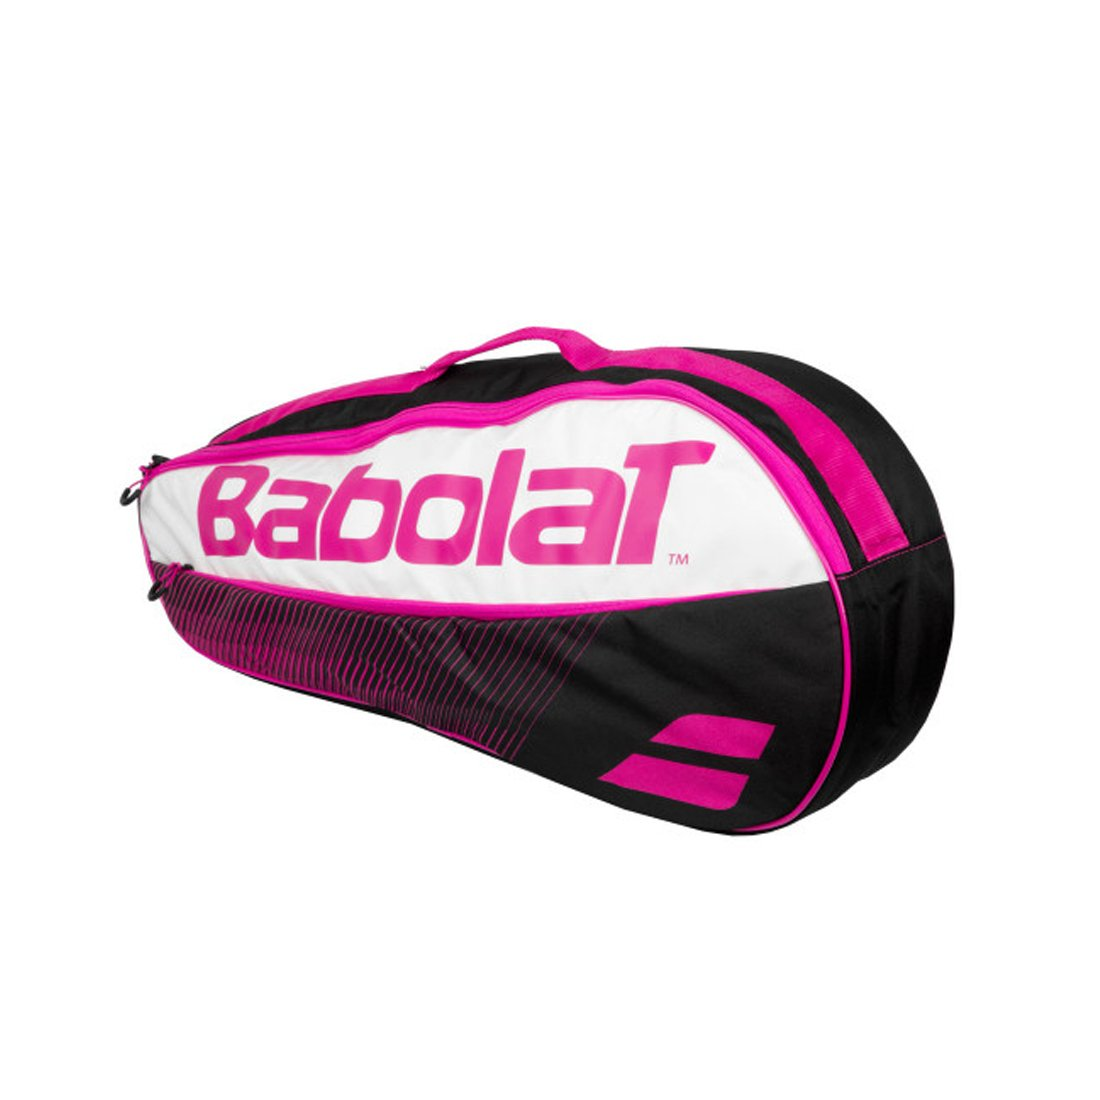 Babolat - Club Classic 3 Pack Tennis Bag - (B751174)